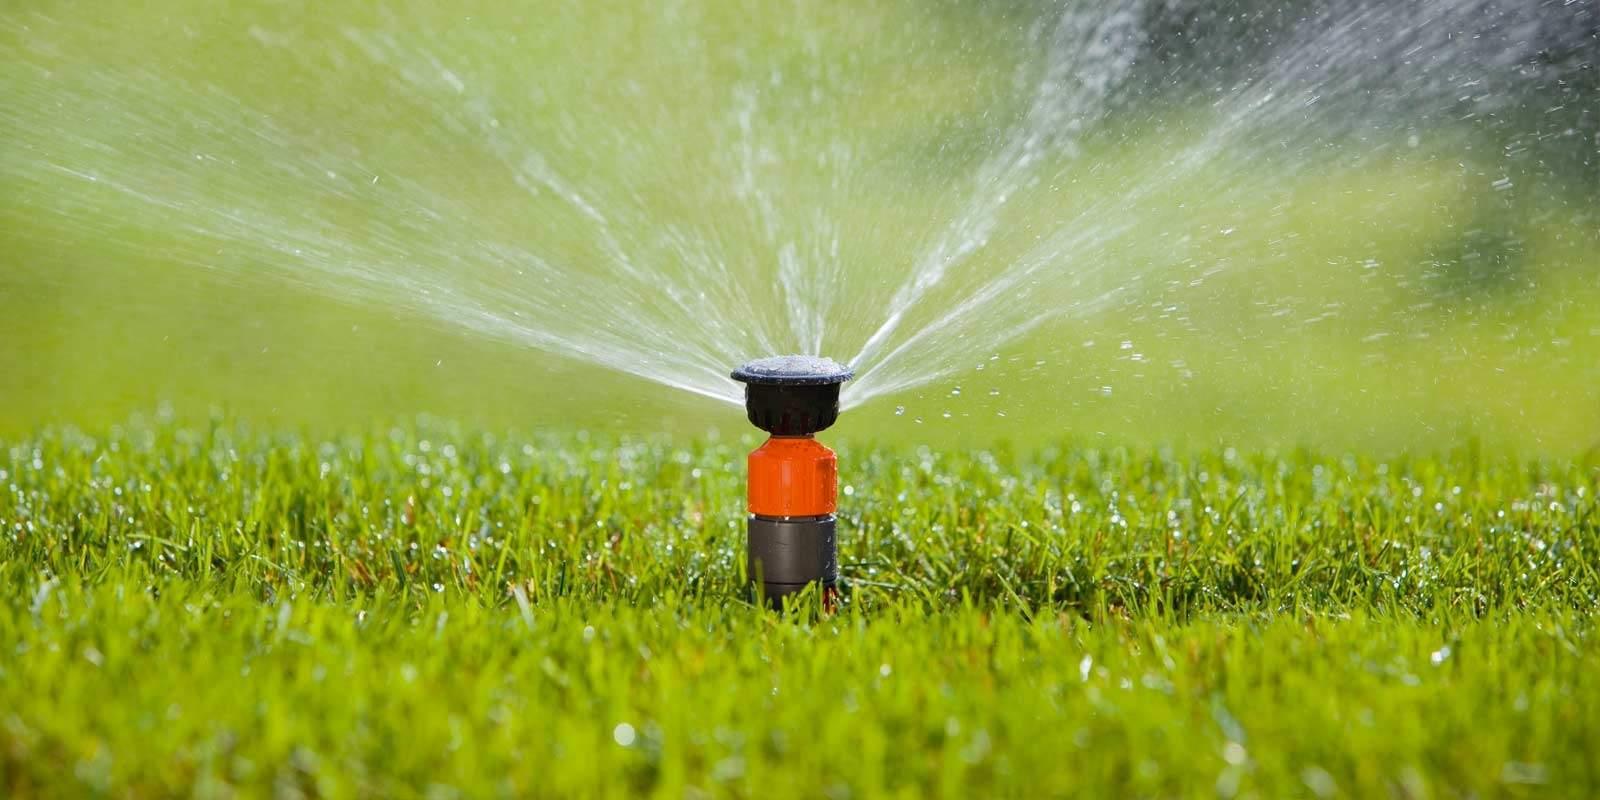 bewasserung garten reizend tipps fur richtige bewasserung of bewasserung garten